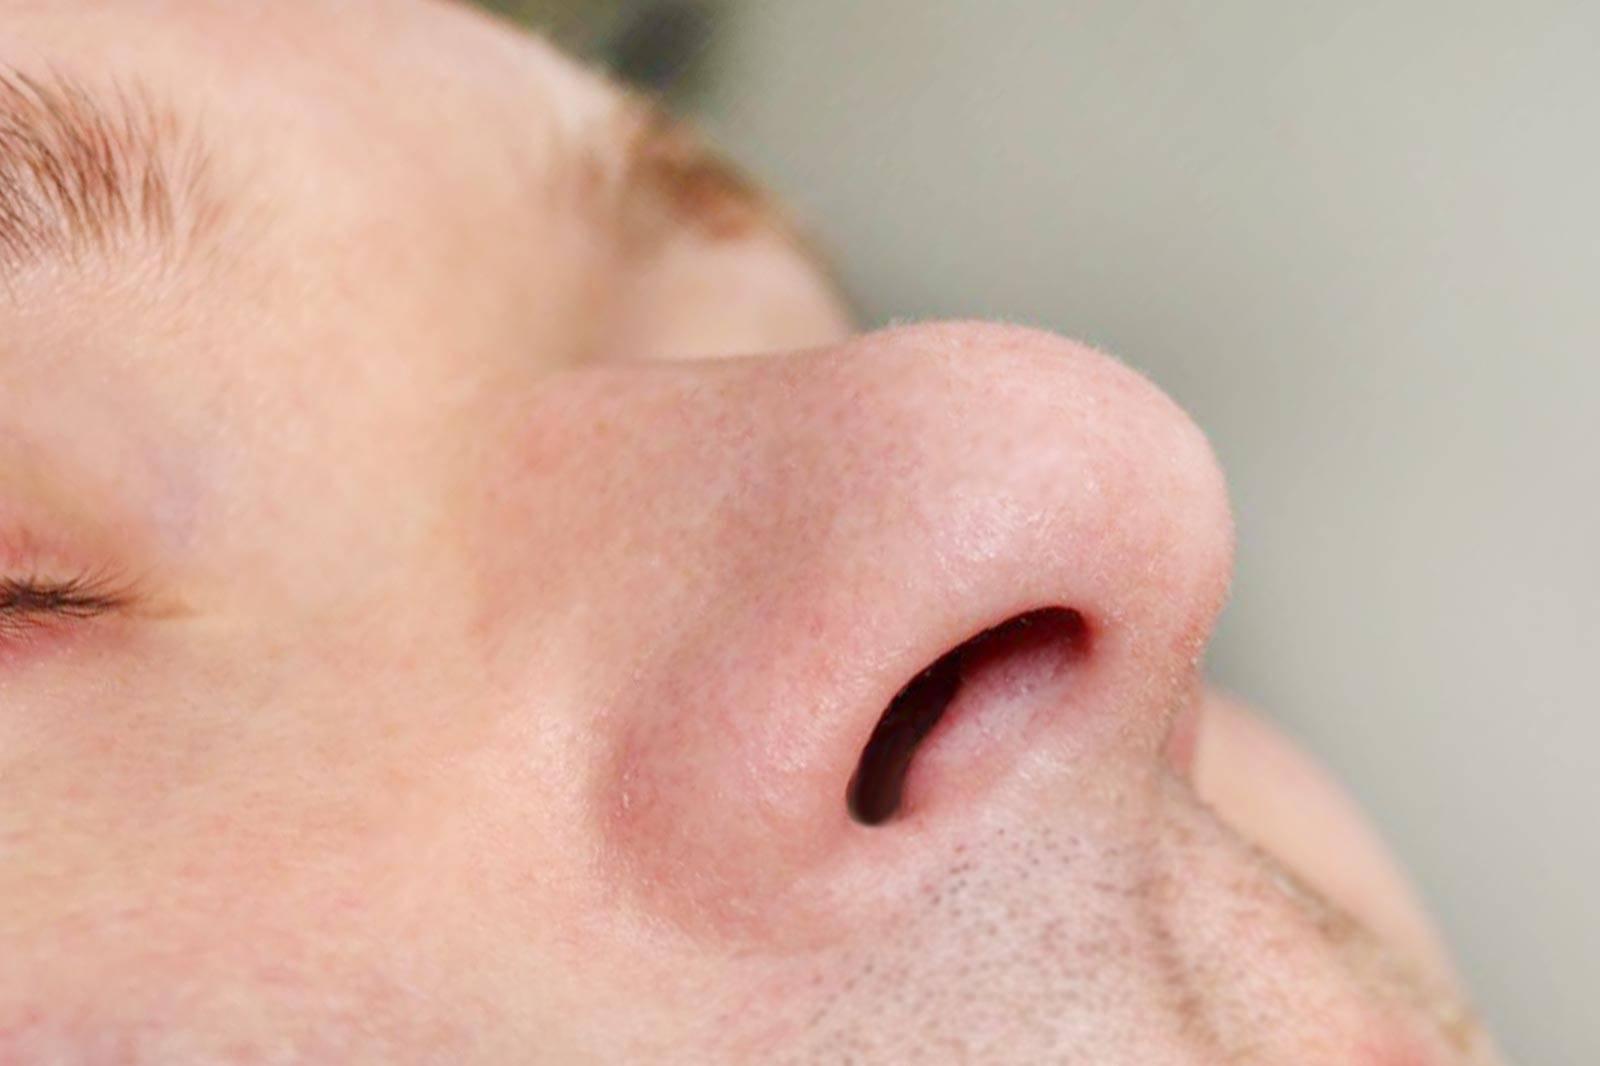 bei püppikram in berlin friedrichshain kannst du dir deine nasenlöcher waxen lassen